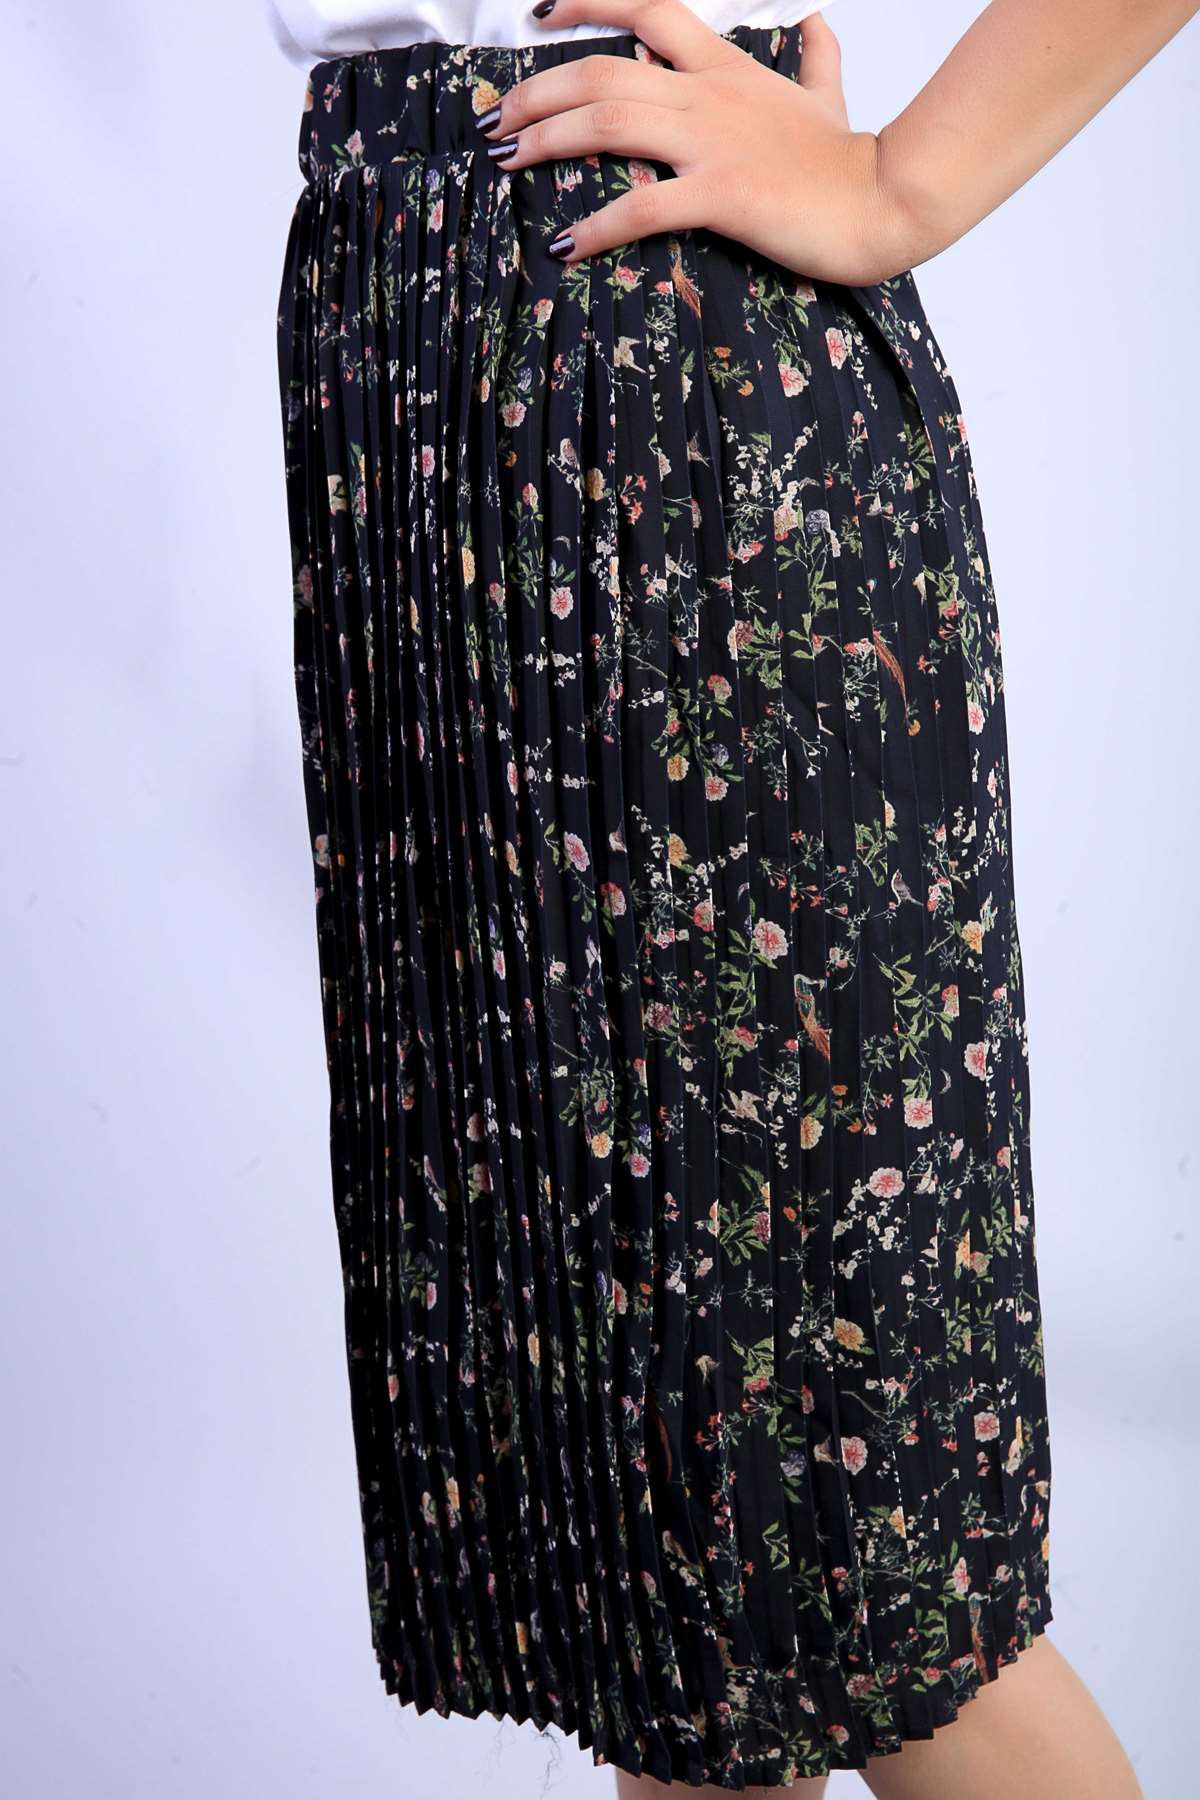 Pliseli Çiçek Desenli Etek Siyah